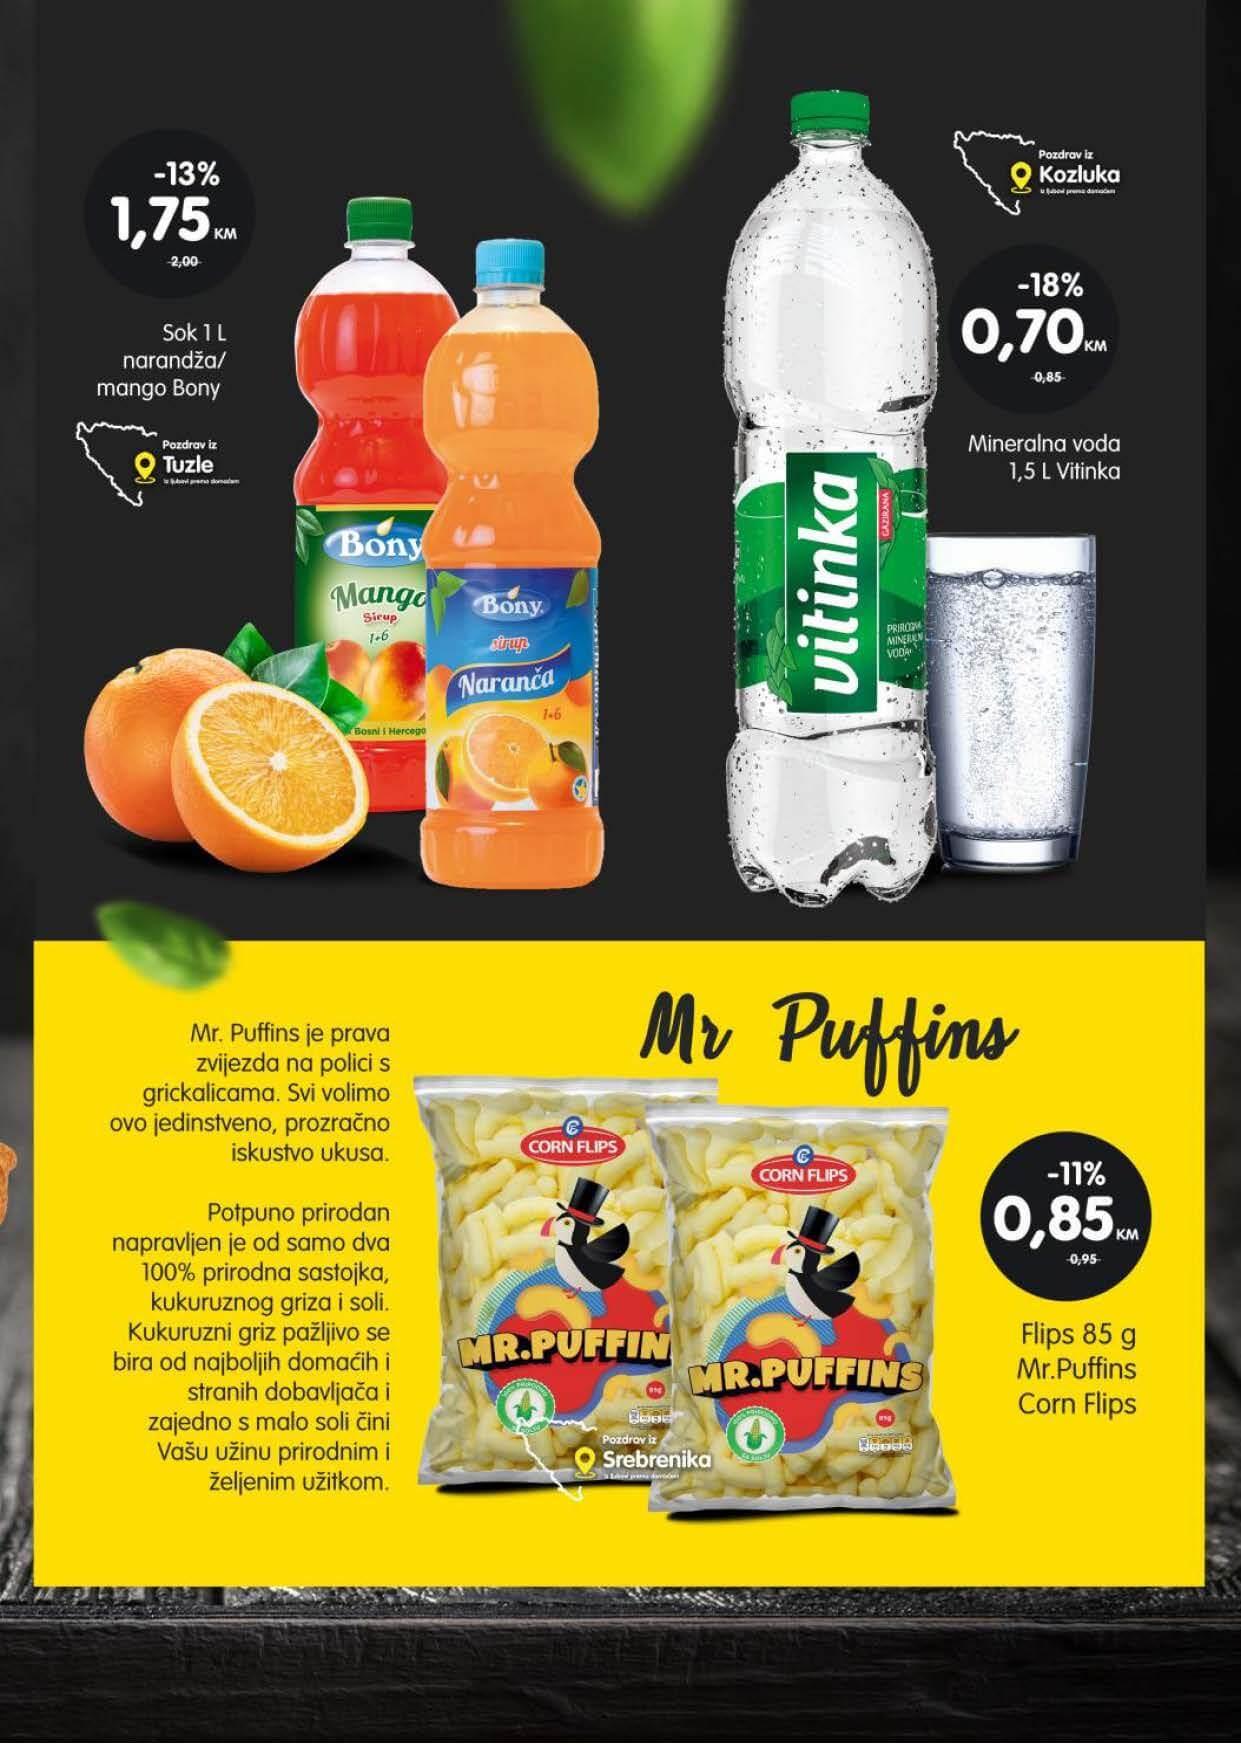 BINGO Kupuj pametno Kupuj domace AVGUST 2021 2.8.2021. 8.8.2021. Page 09